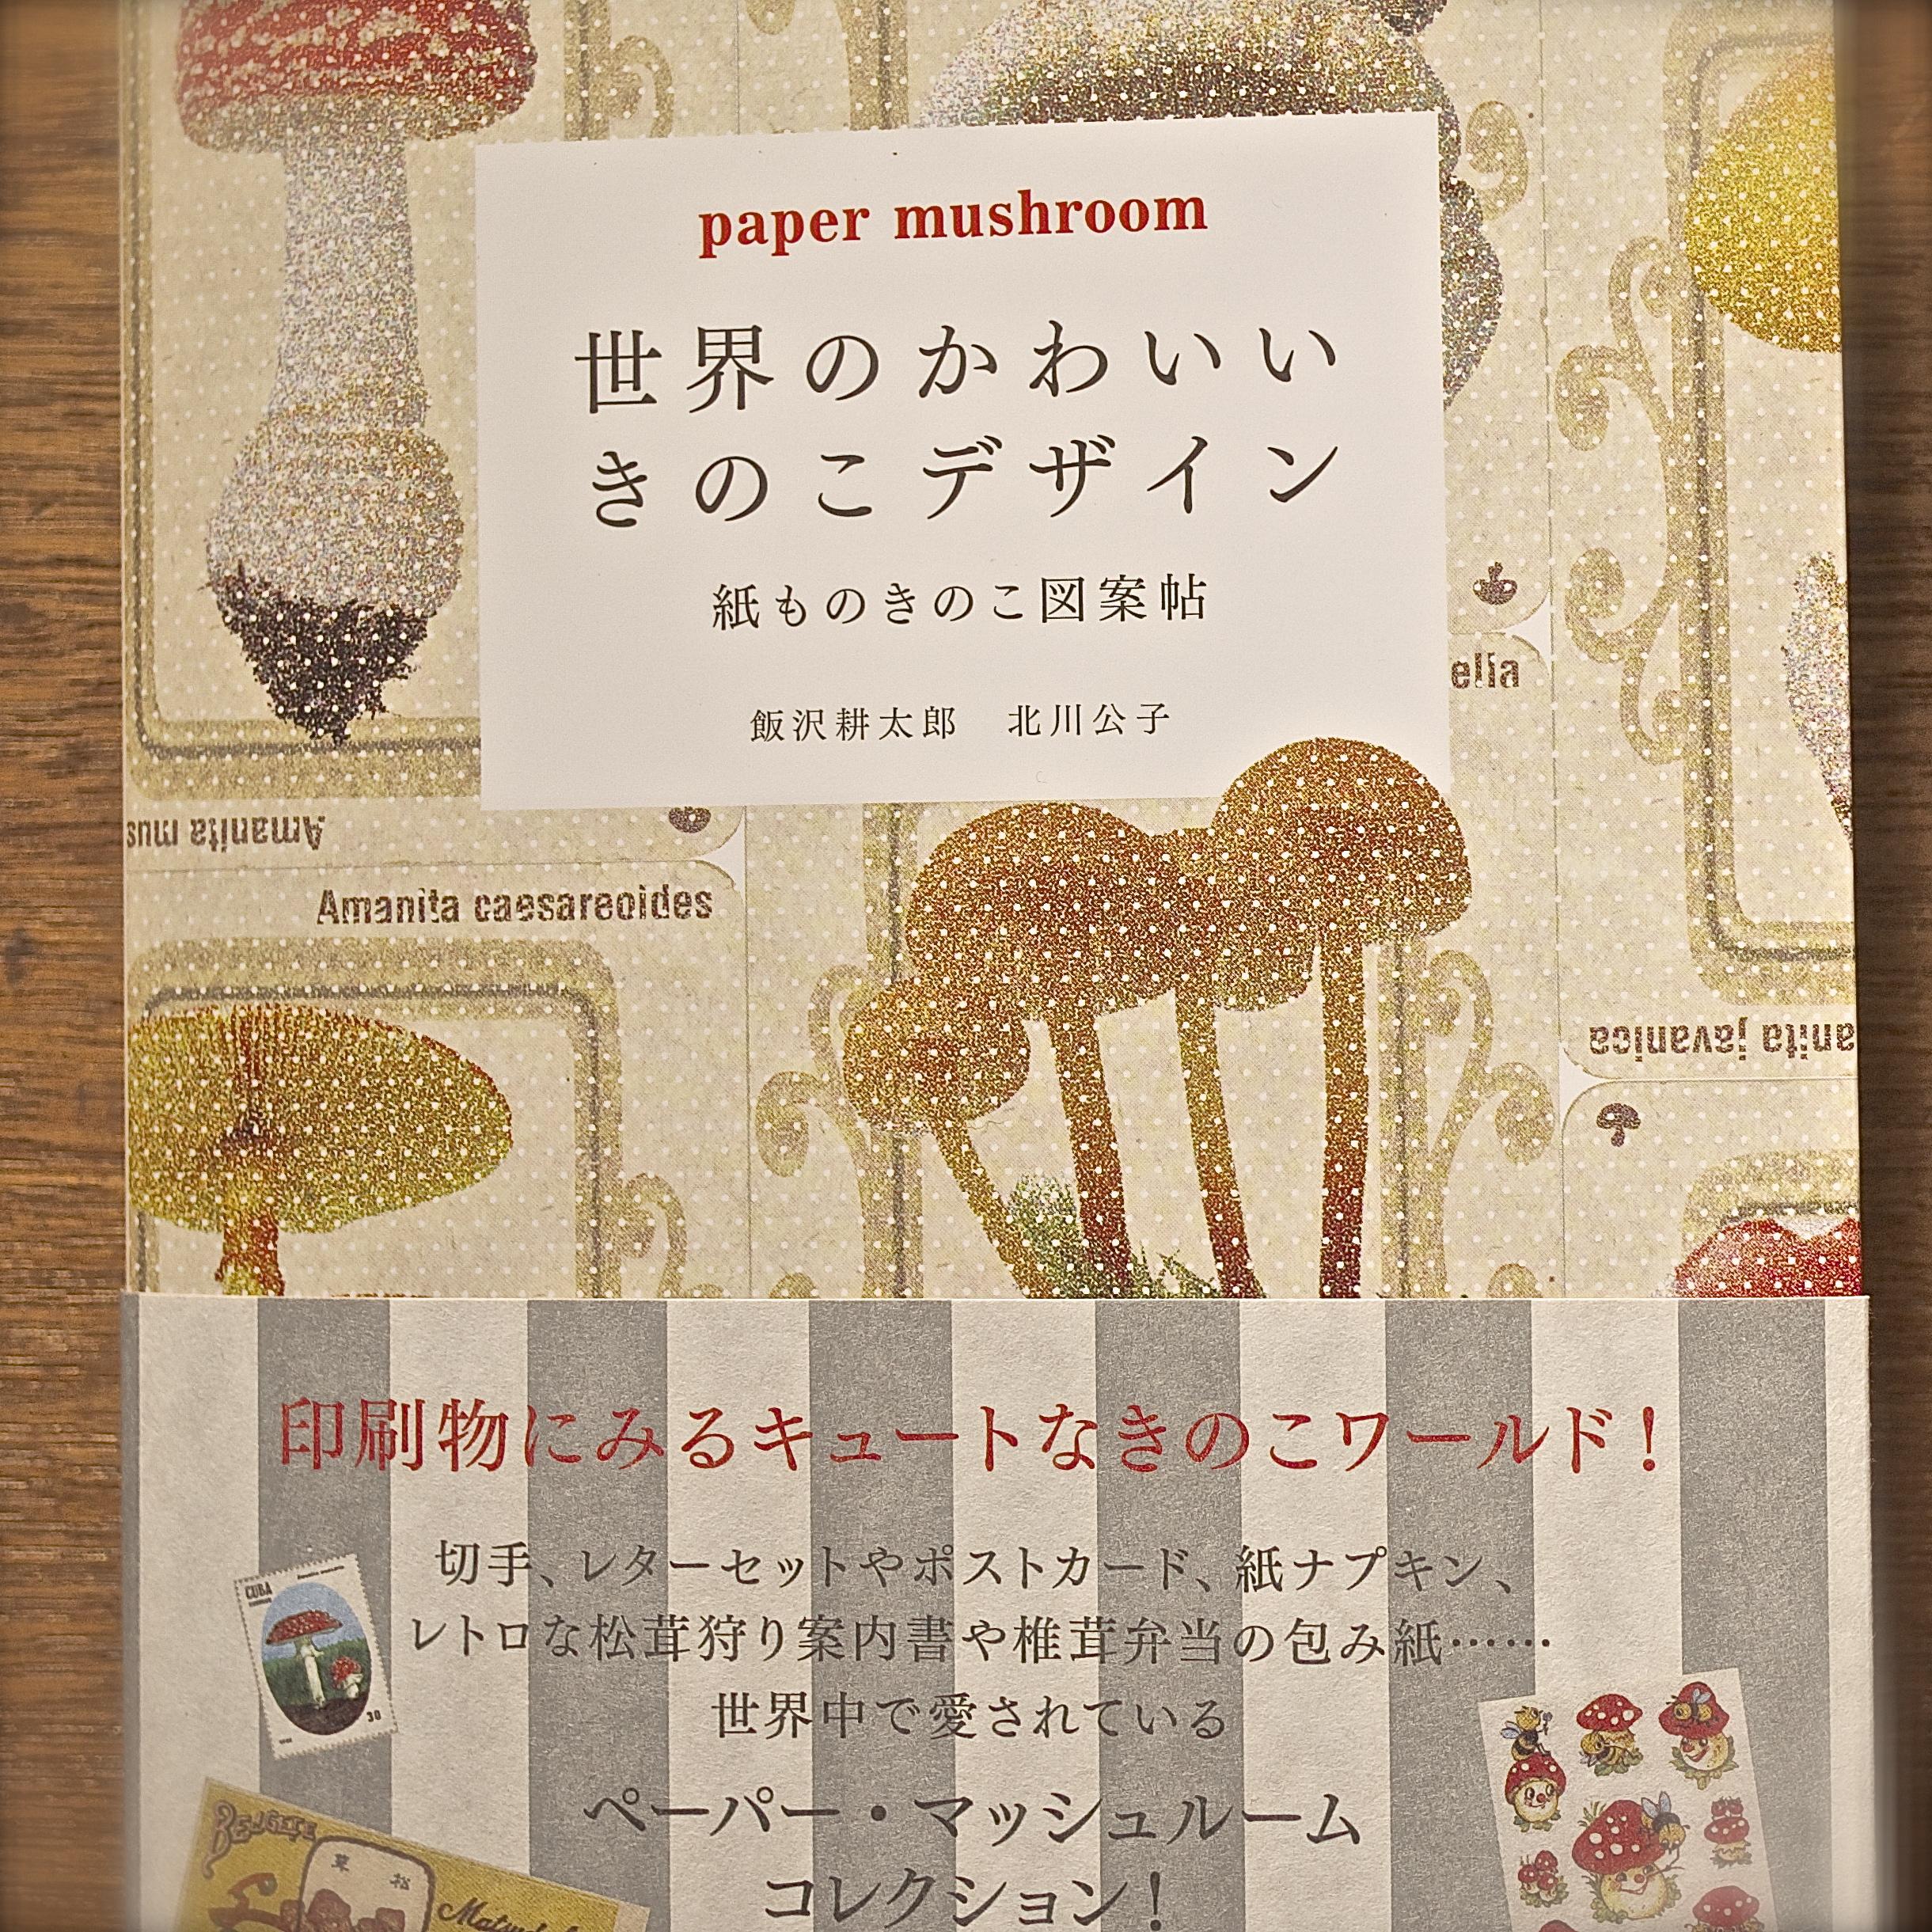 飯沢耕太郎 北川史子著「世界のかわいいきのこデザイン」(DU BOOKS)発売